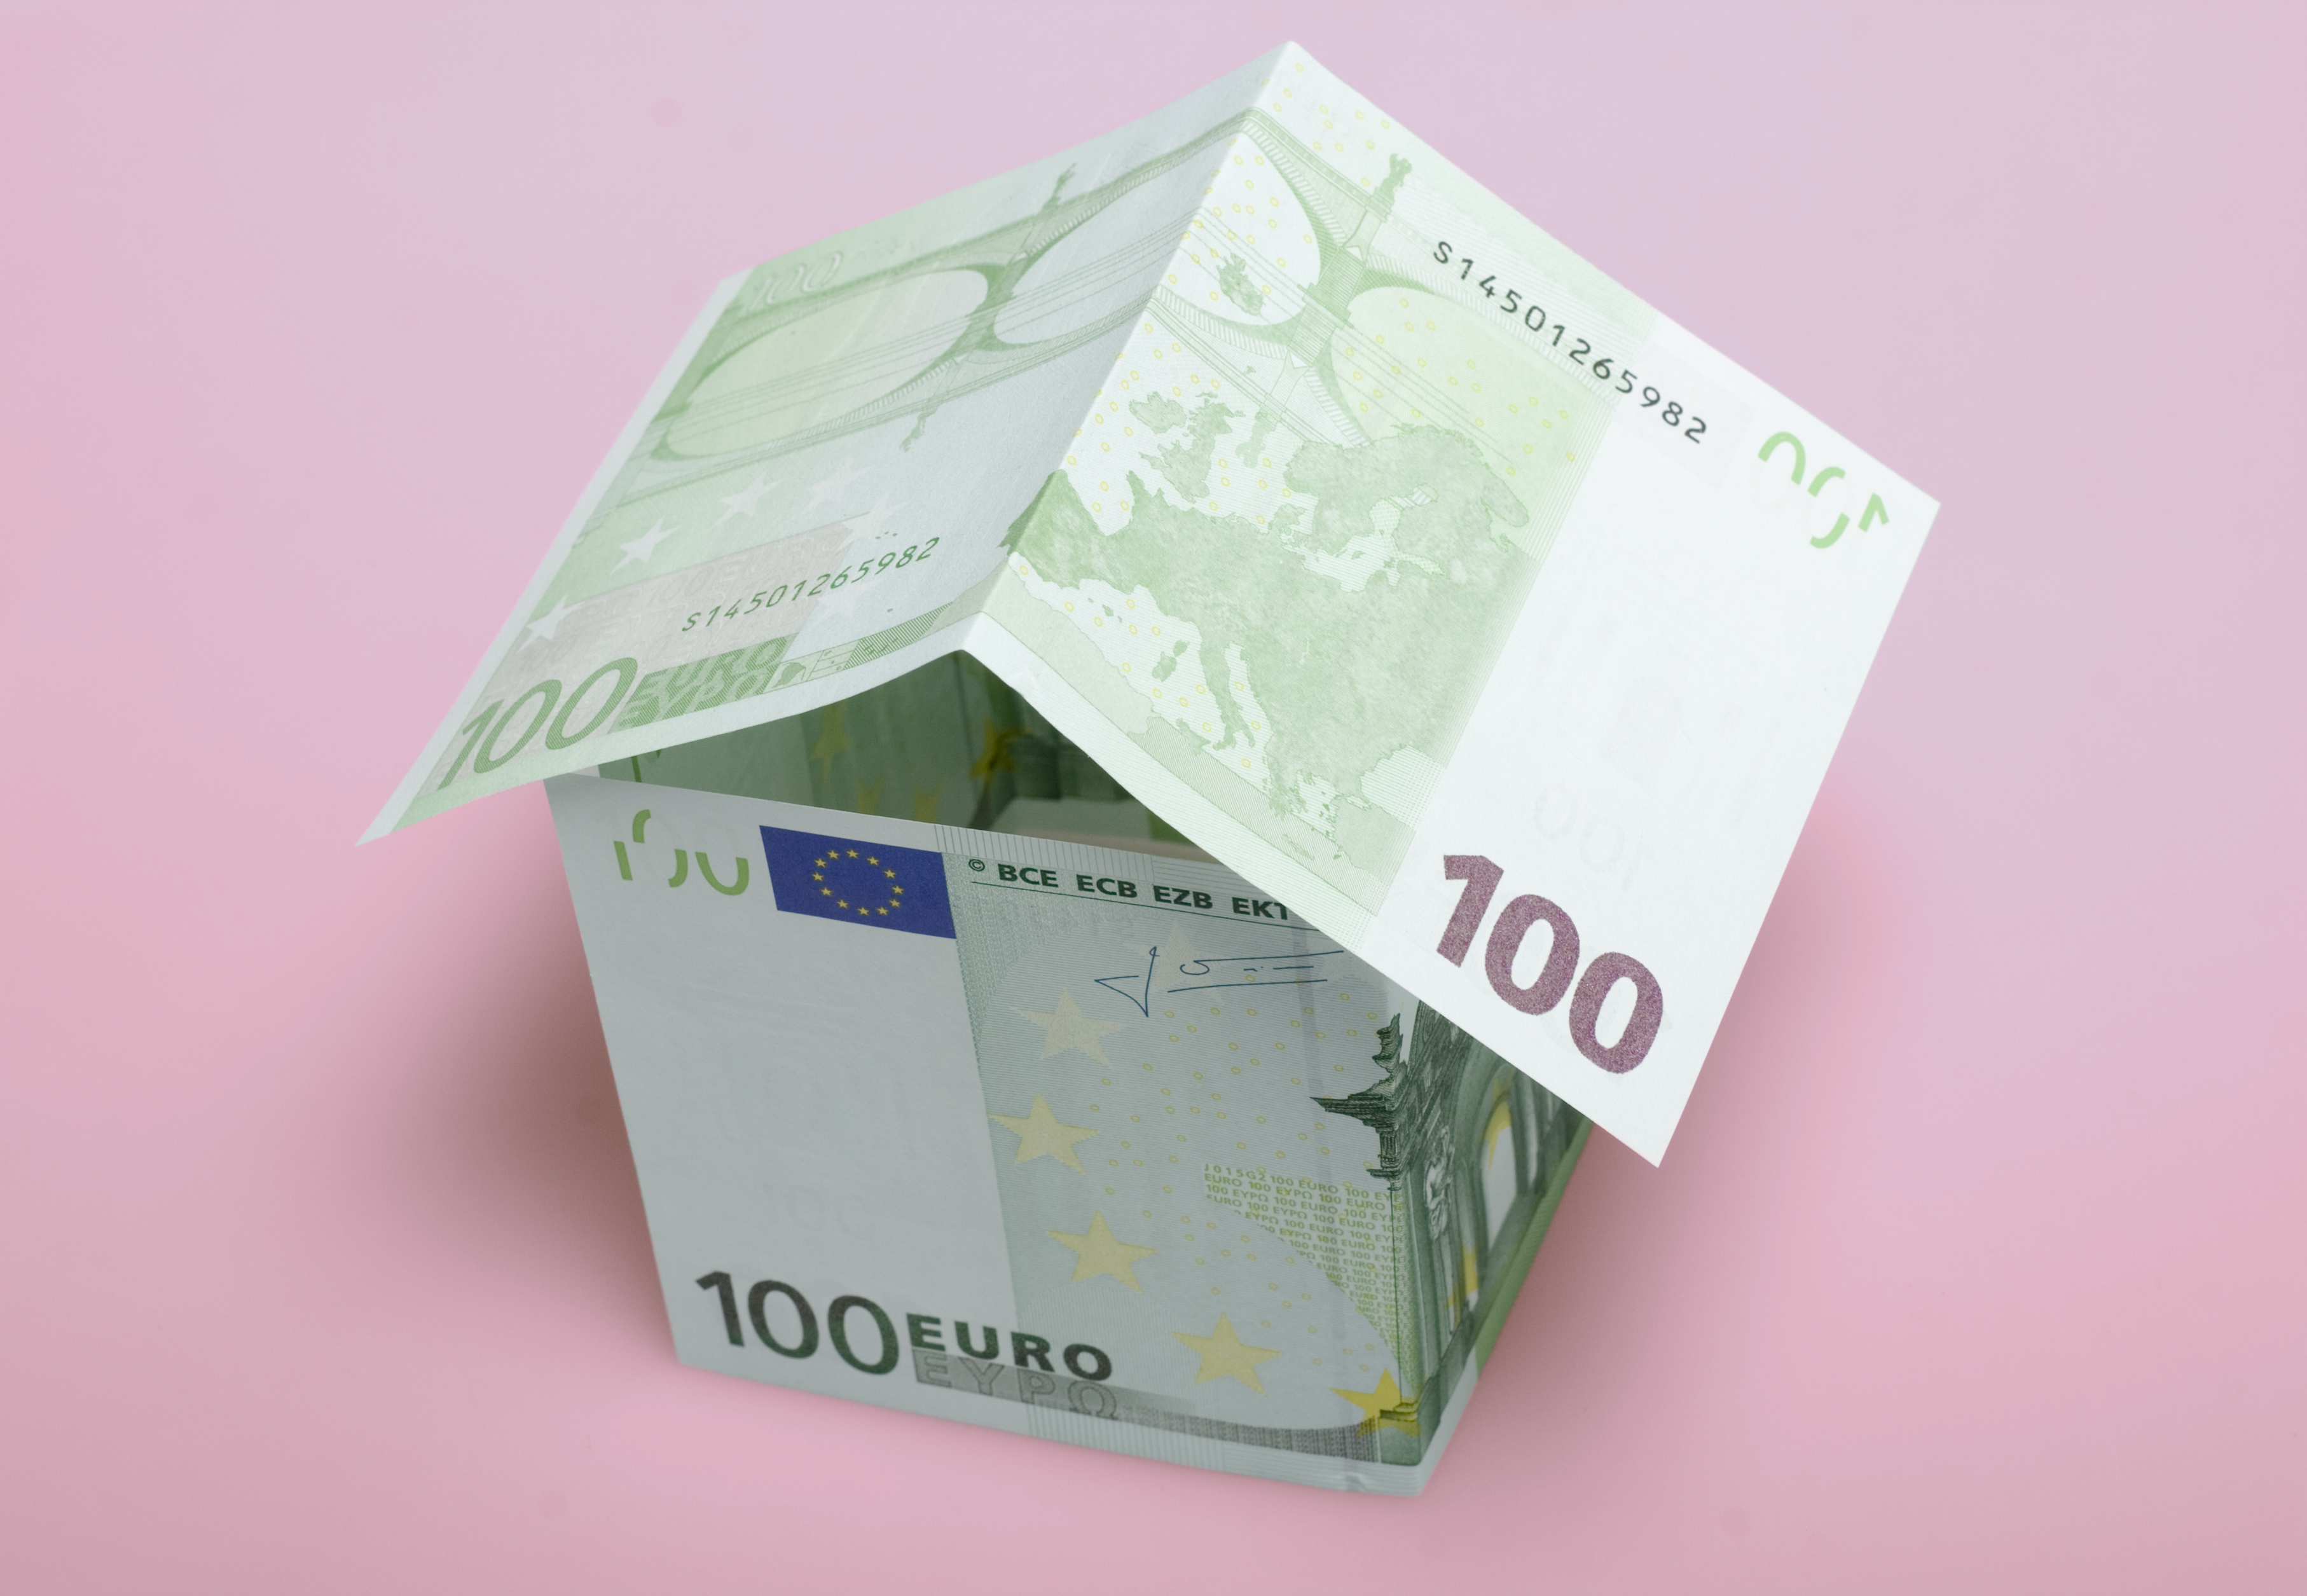 Aspectos que bajan el precio del seguro de hogar como alarmas o rejas